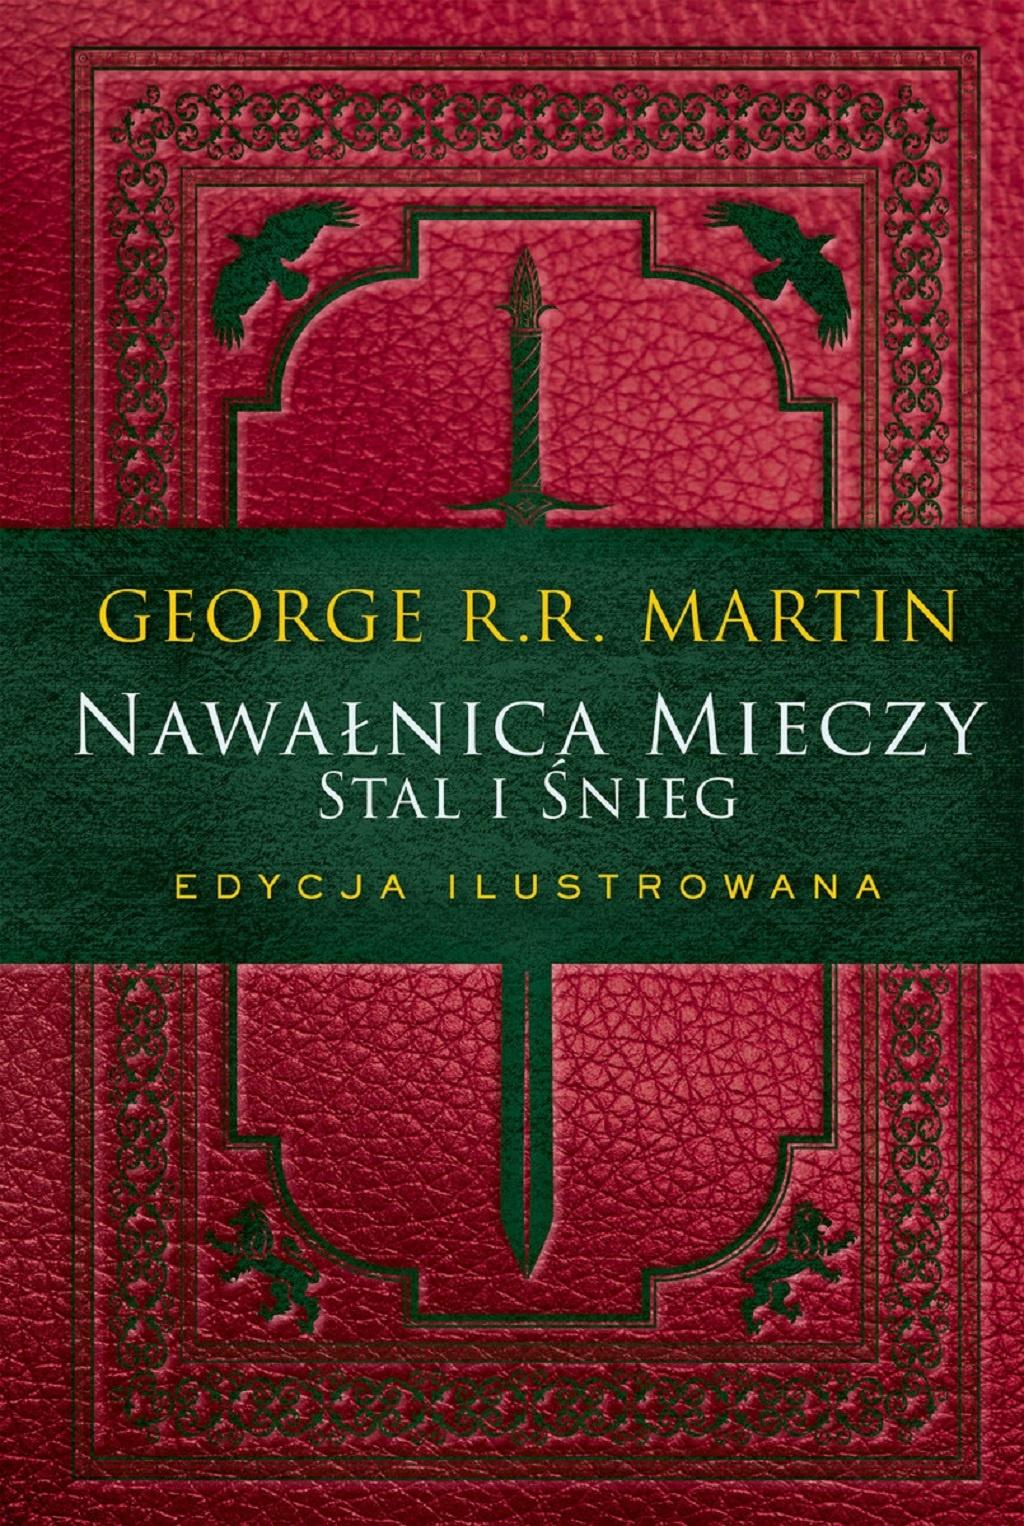 George R.R. Martin – Gra o tron. Edycja ilustrowana